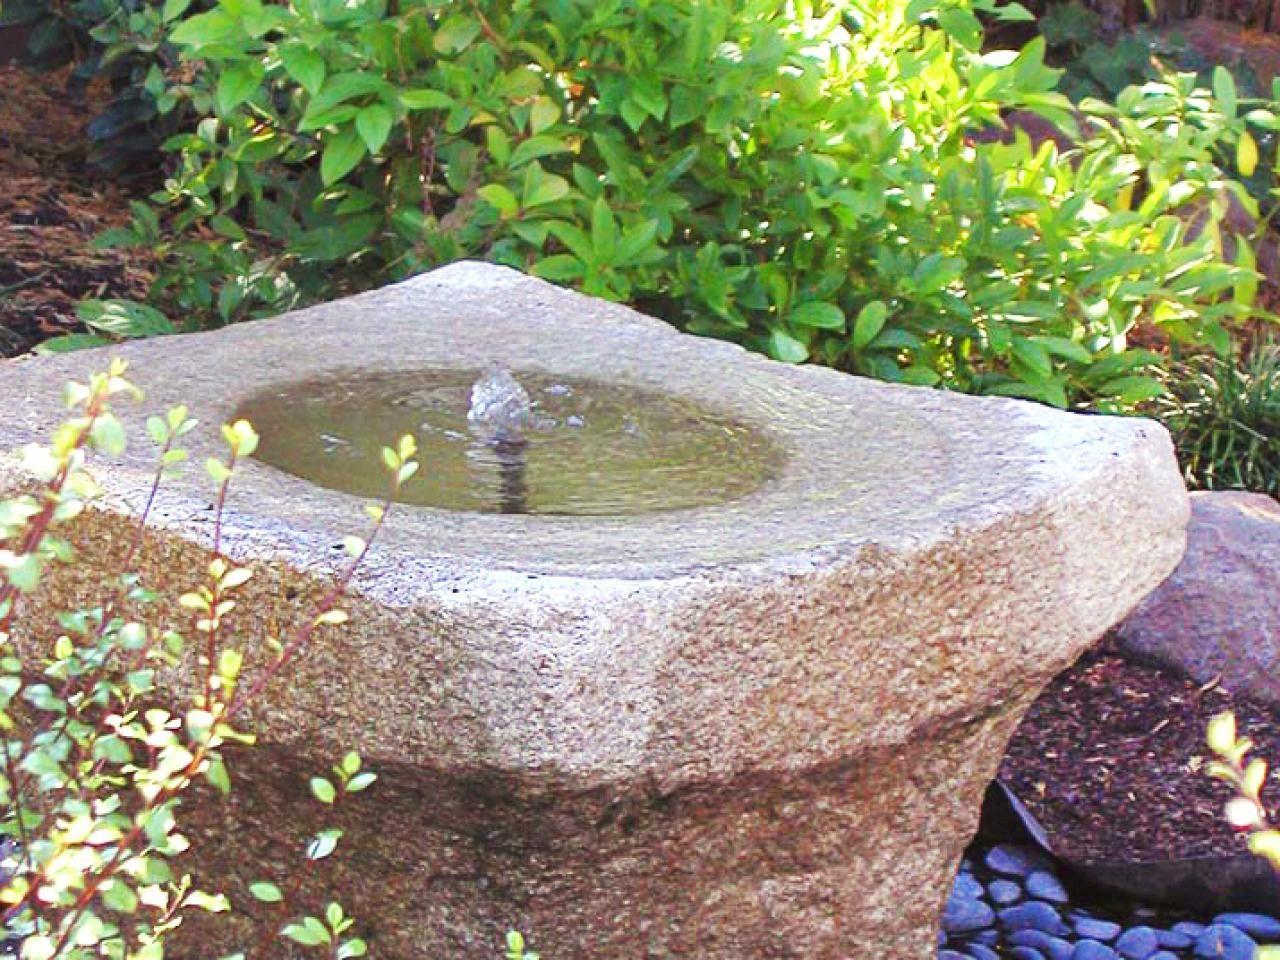 Brunnen, Garten Wasserspiele, Wasserelemente Im Freien, Stein Wasser  Eigenschaften, Kleines Wasser Eigenschaften, Kräutergarten, Landschaftsbau  Ideen, ...